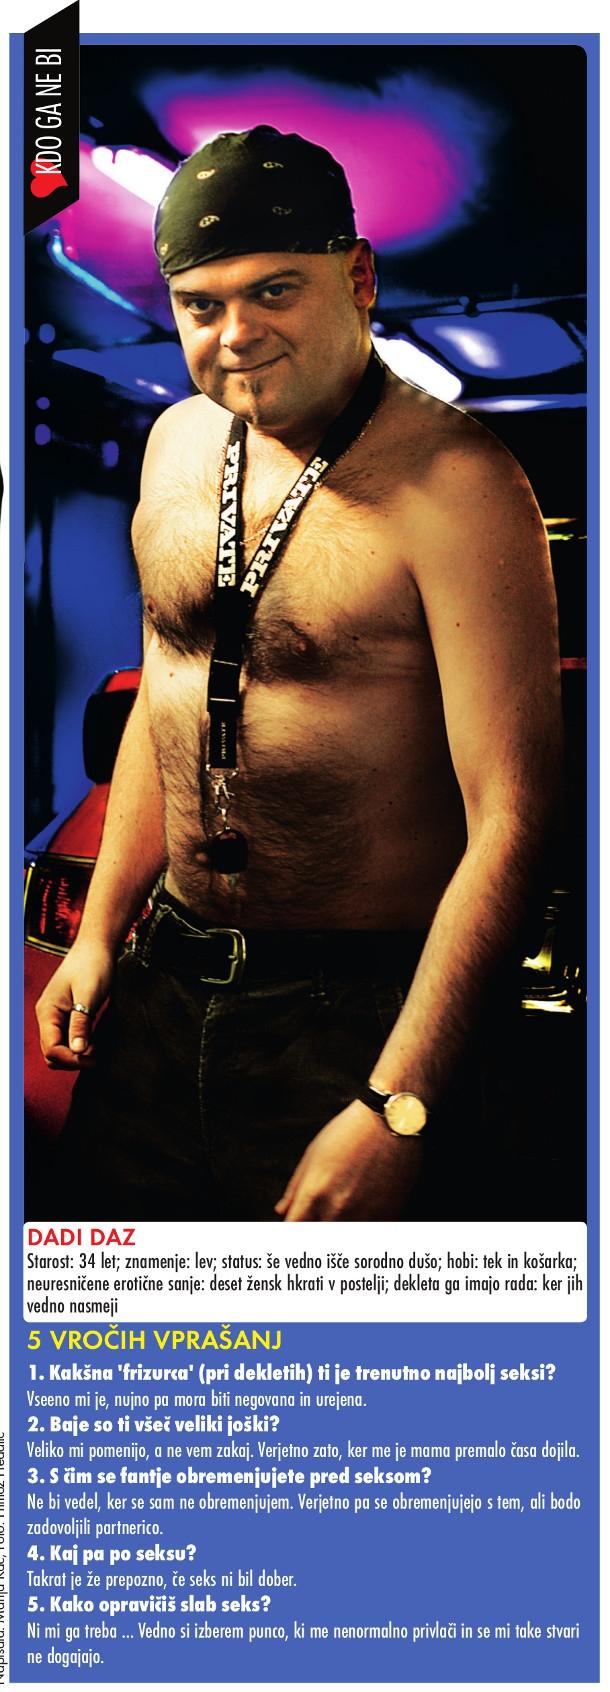 Dadi Daz v Novini rubriki iz leta 2008 Kdo ga ne bi! (foto: retro Nova)